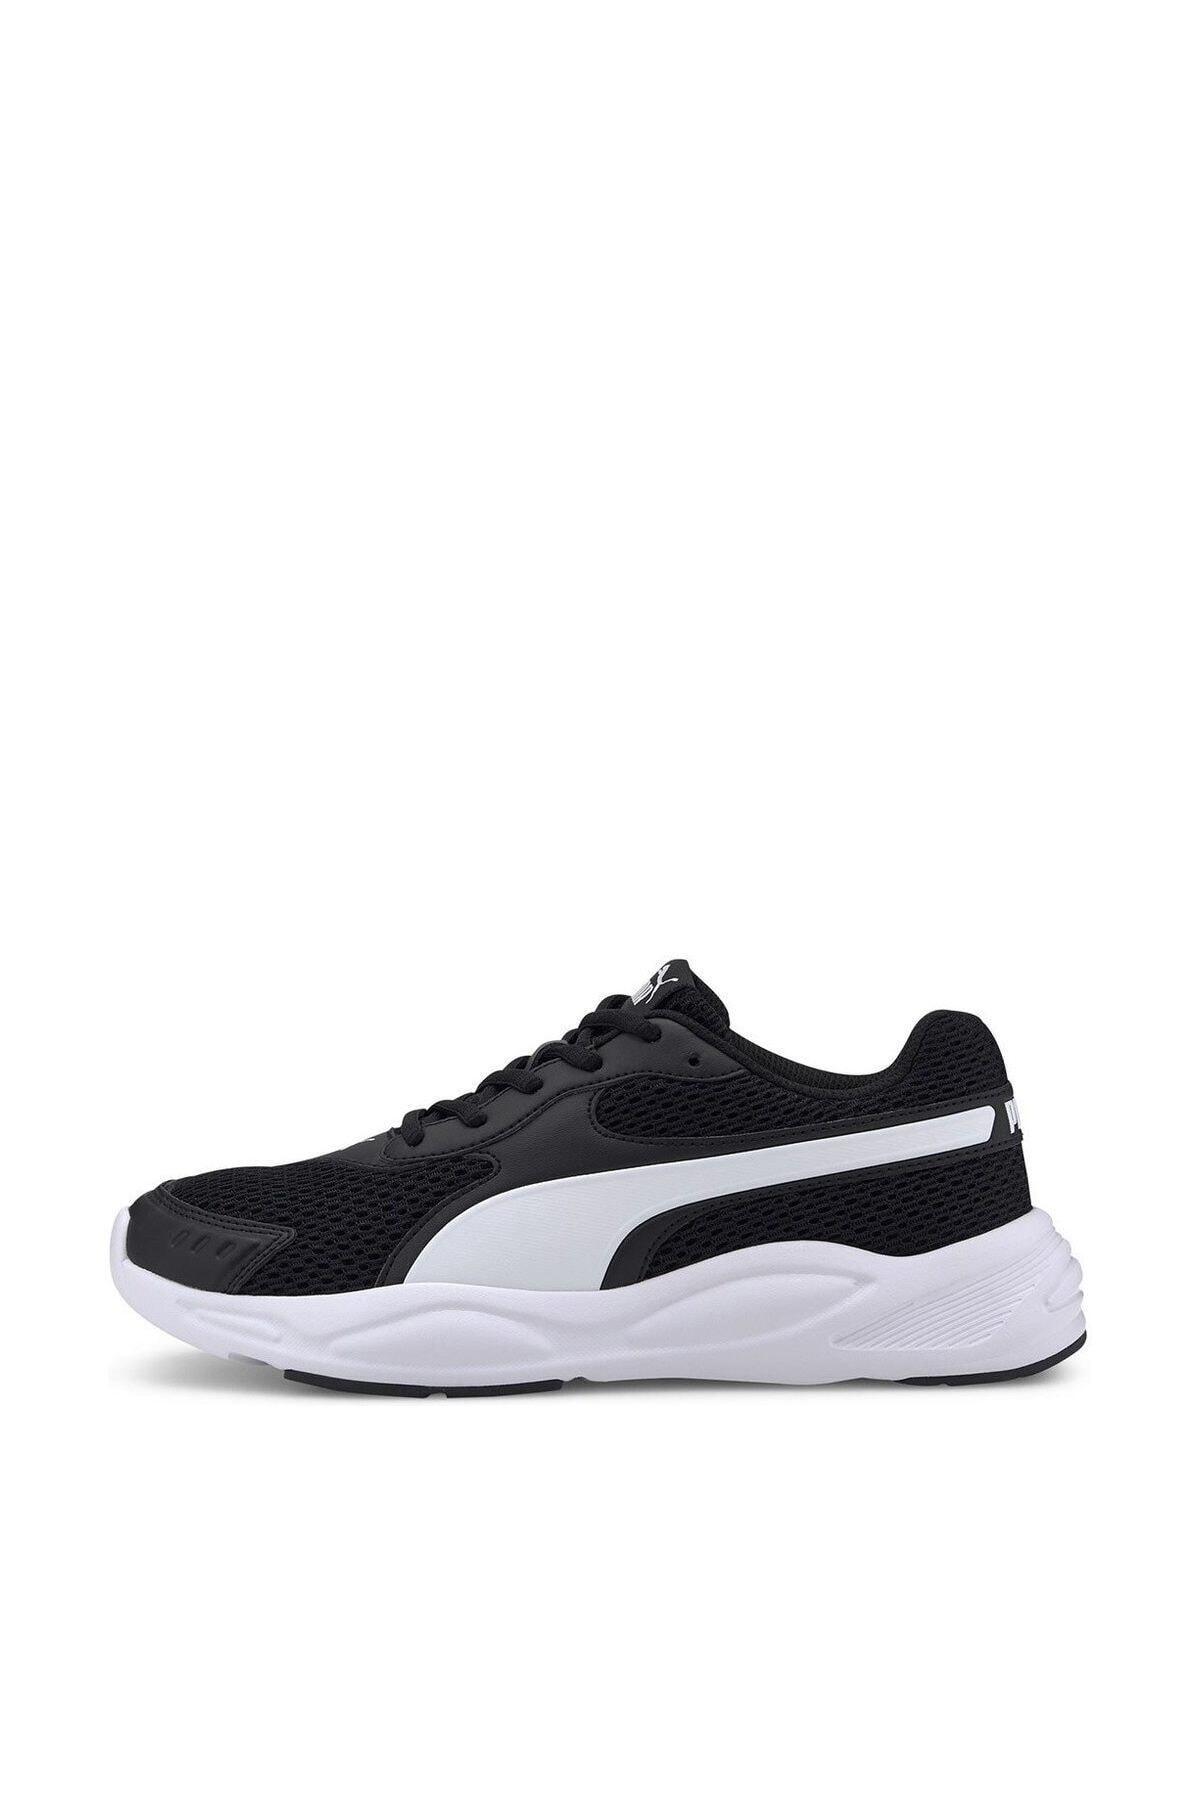 Puma Ayakkabı 90s Runner 37254903 2